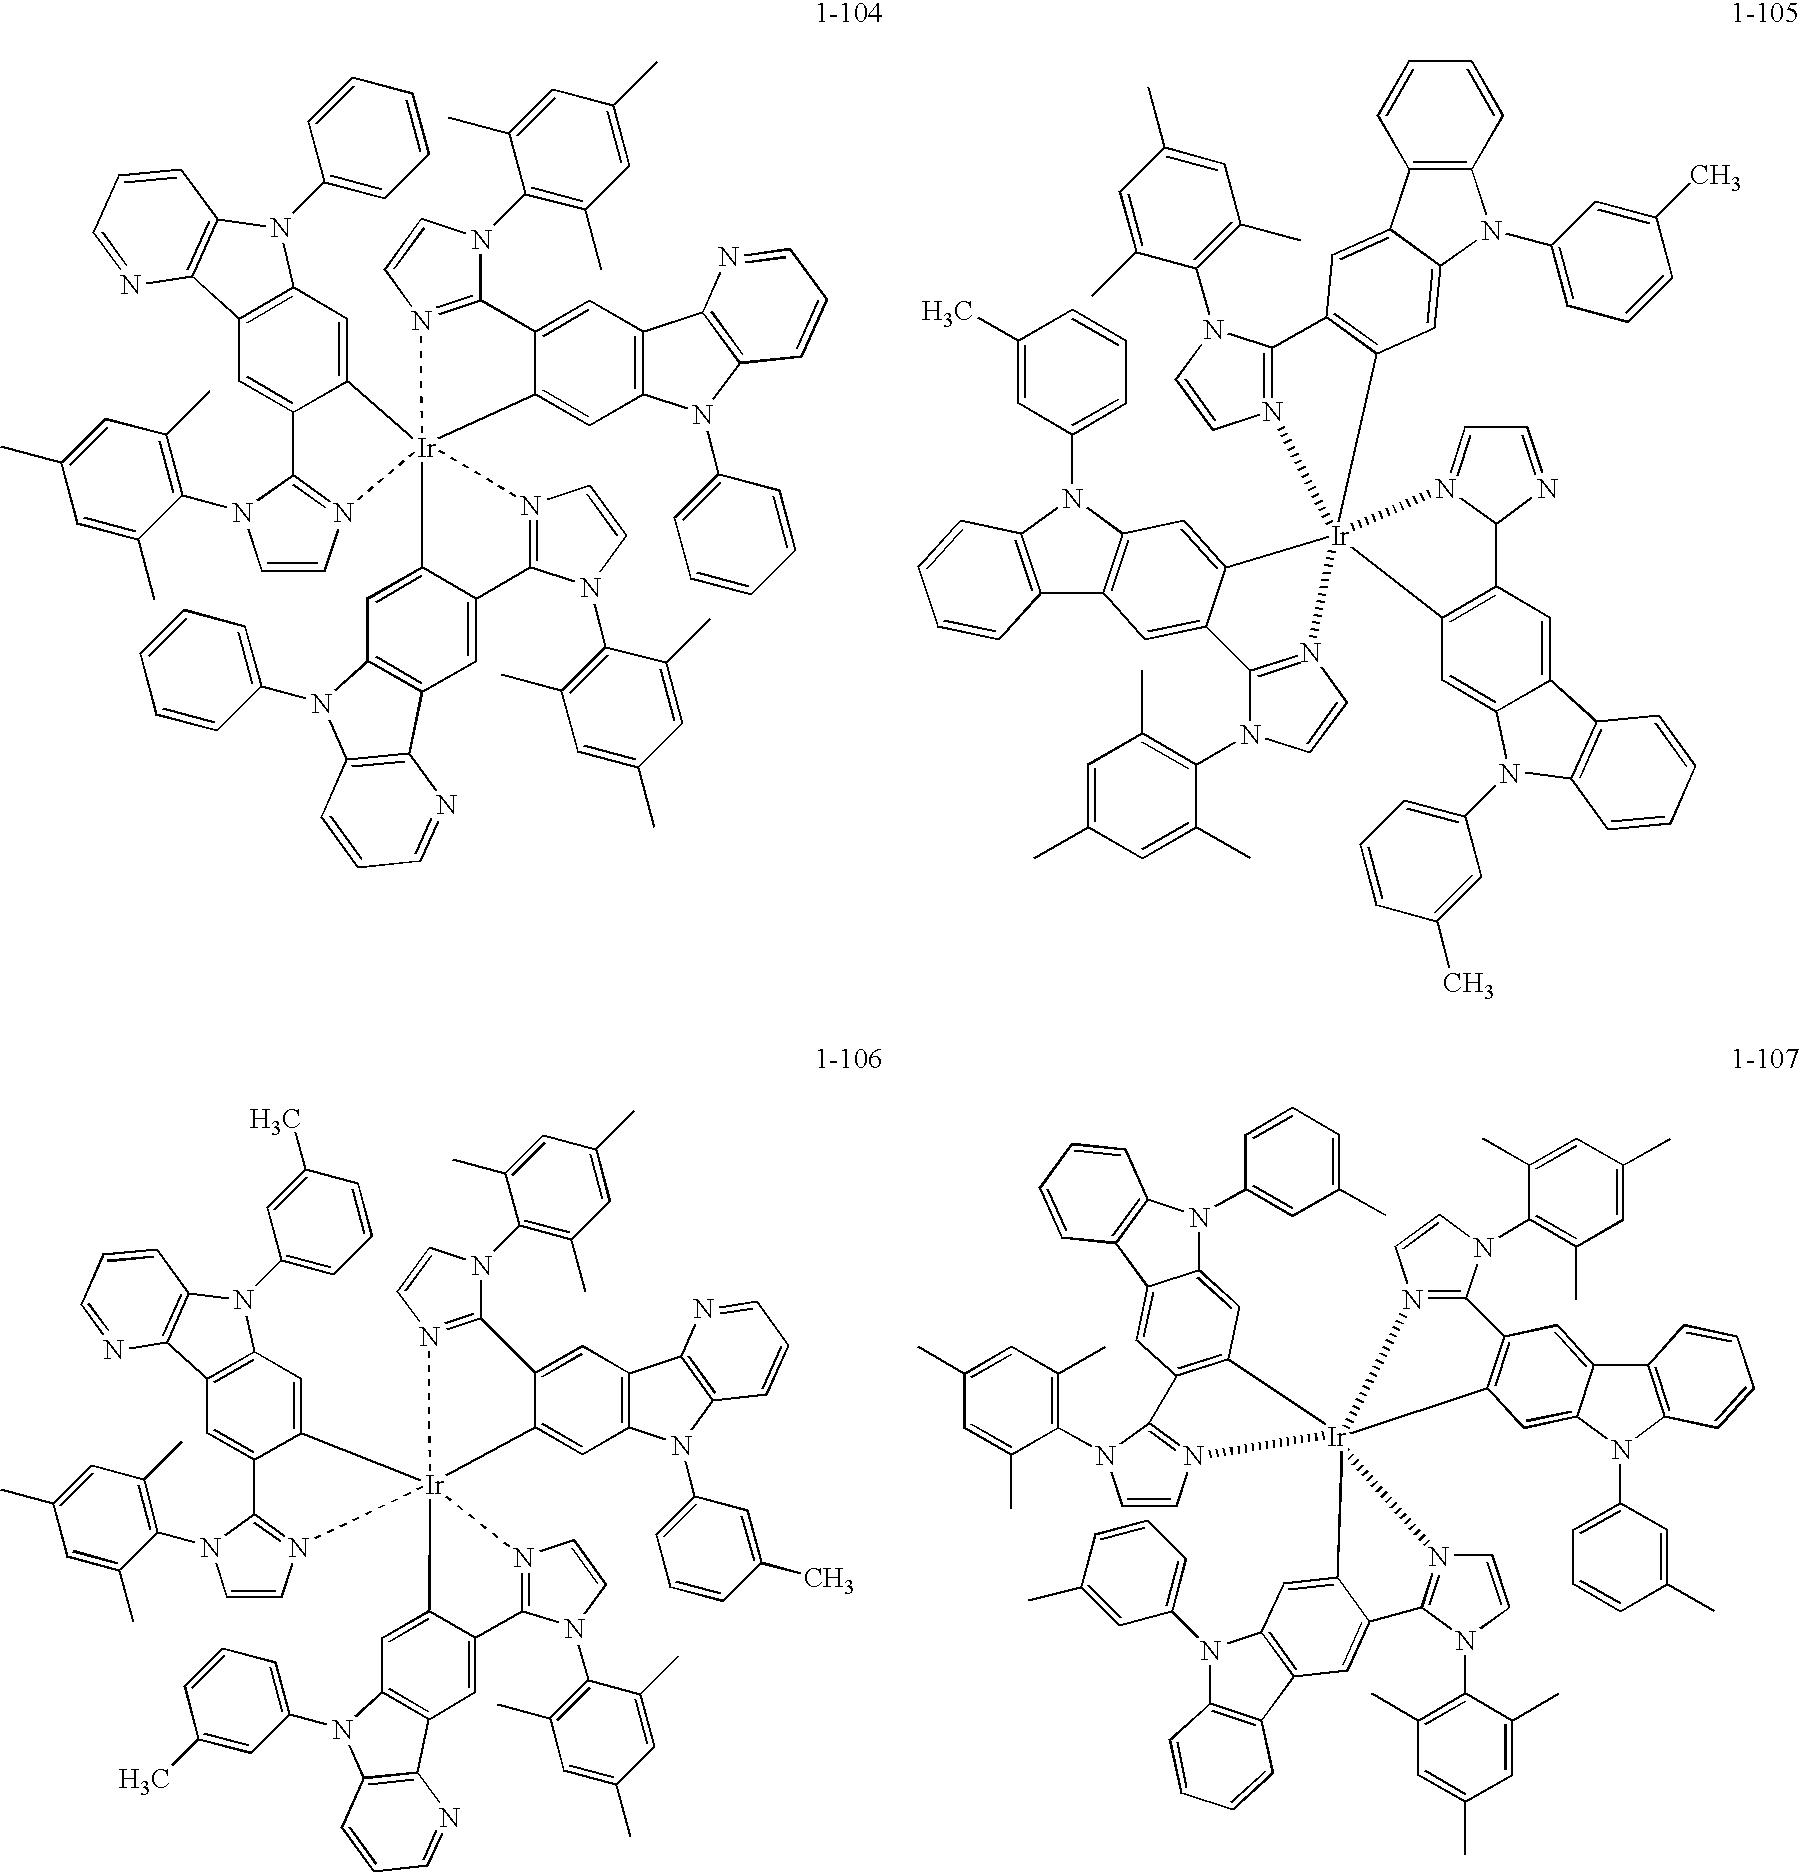 Figure US07745990-20100629-C00017